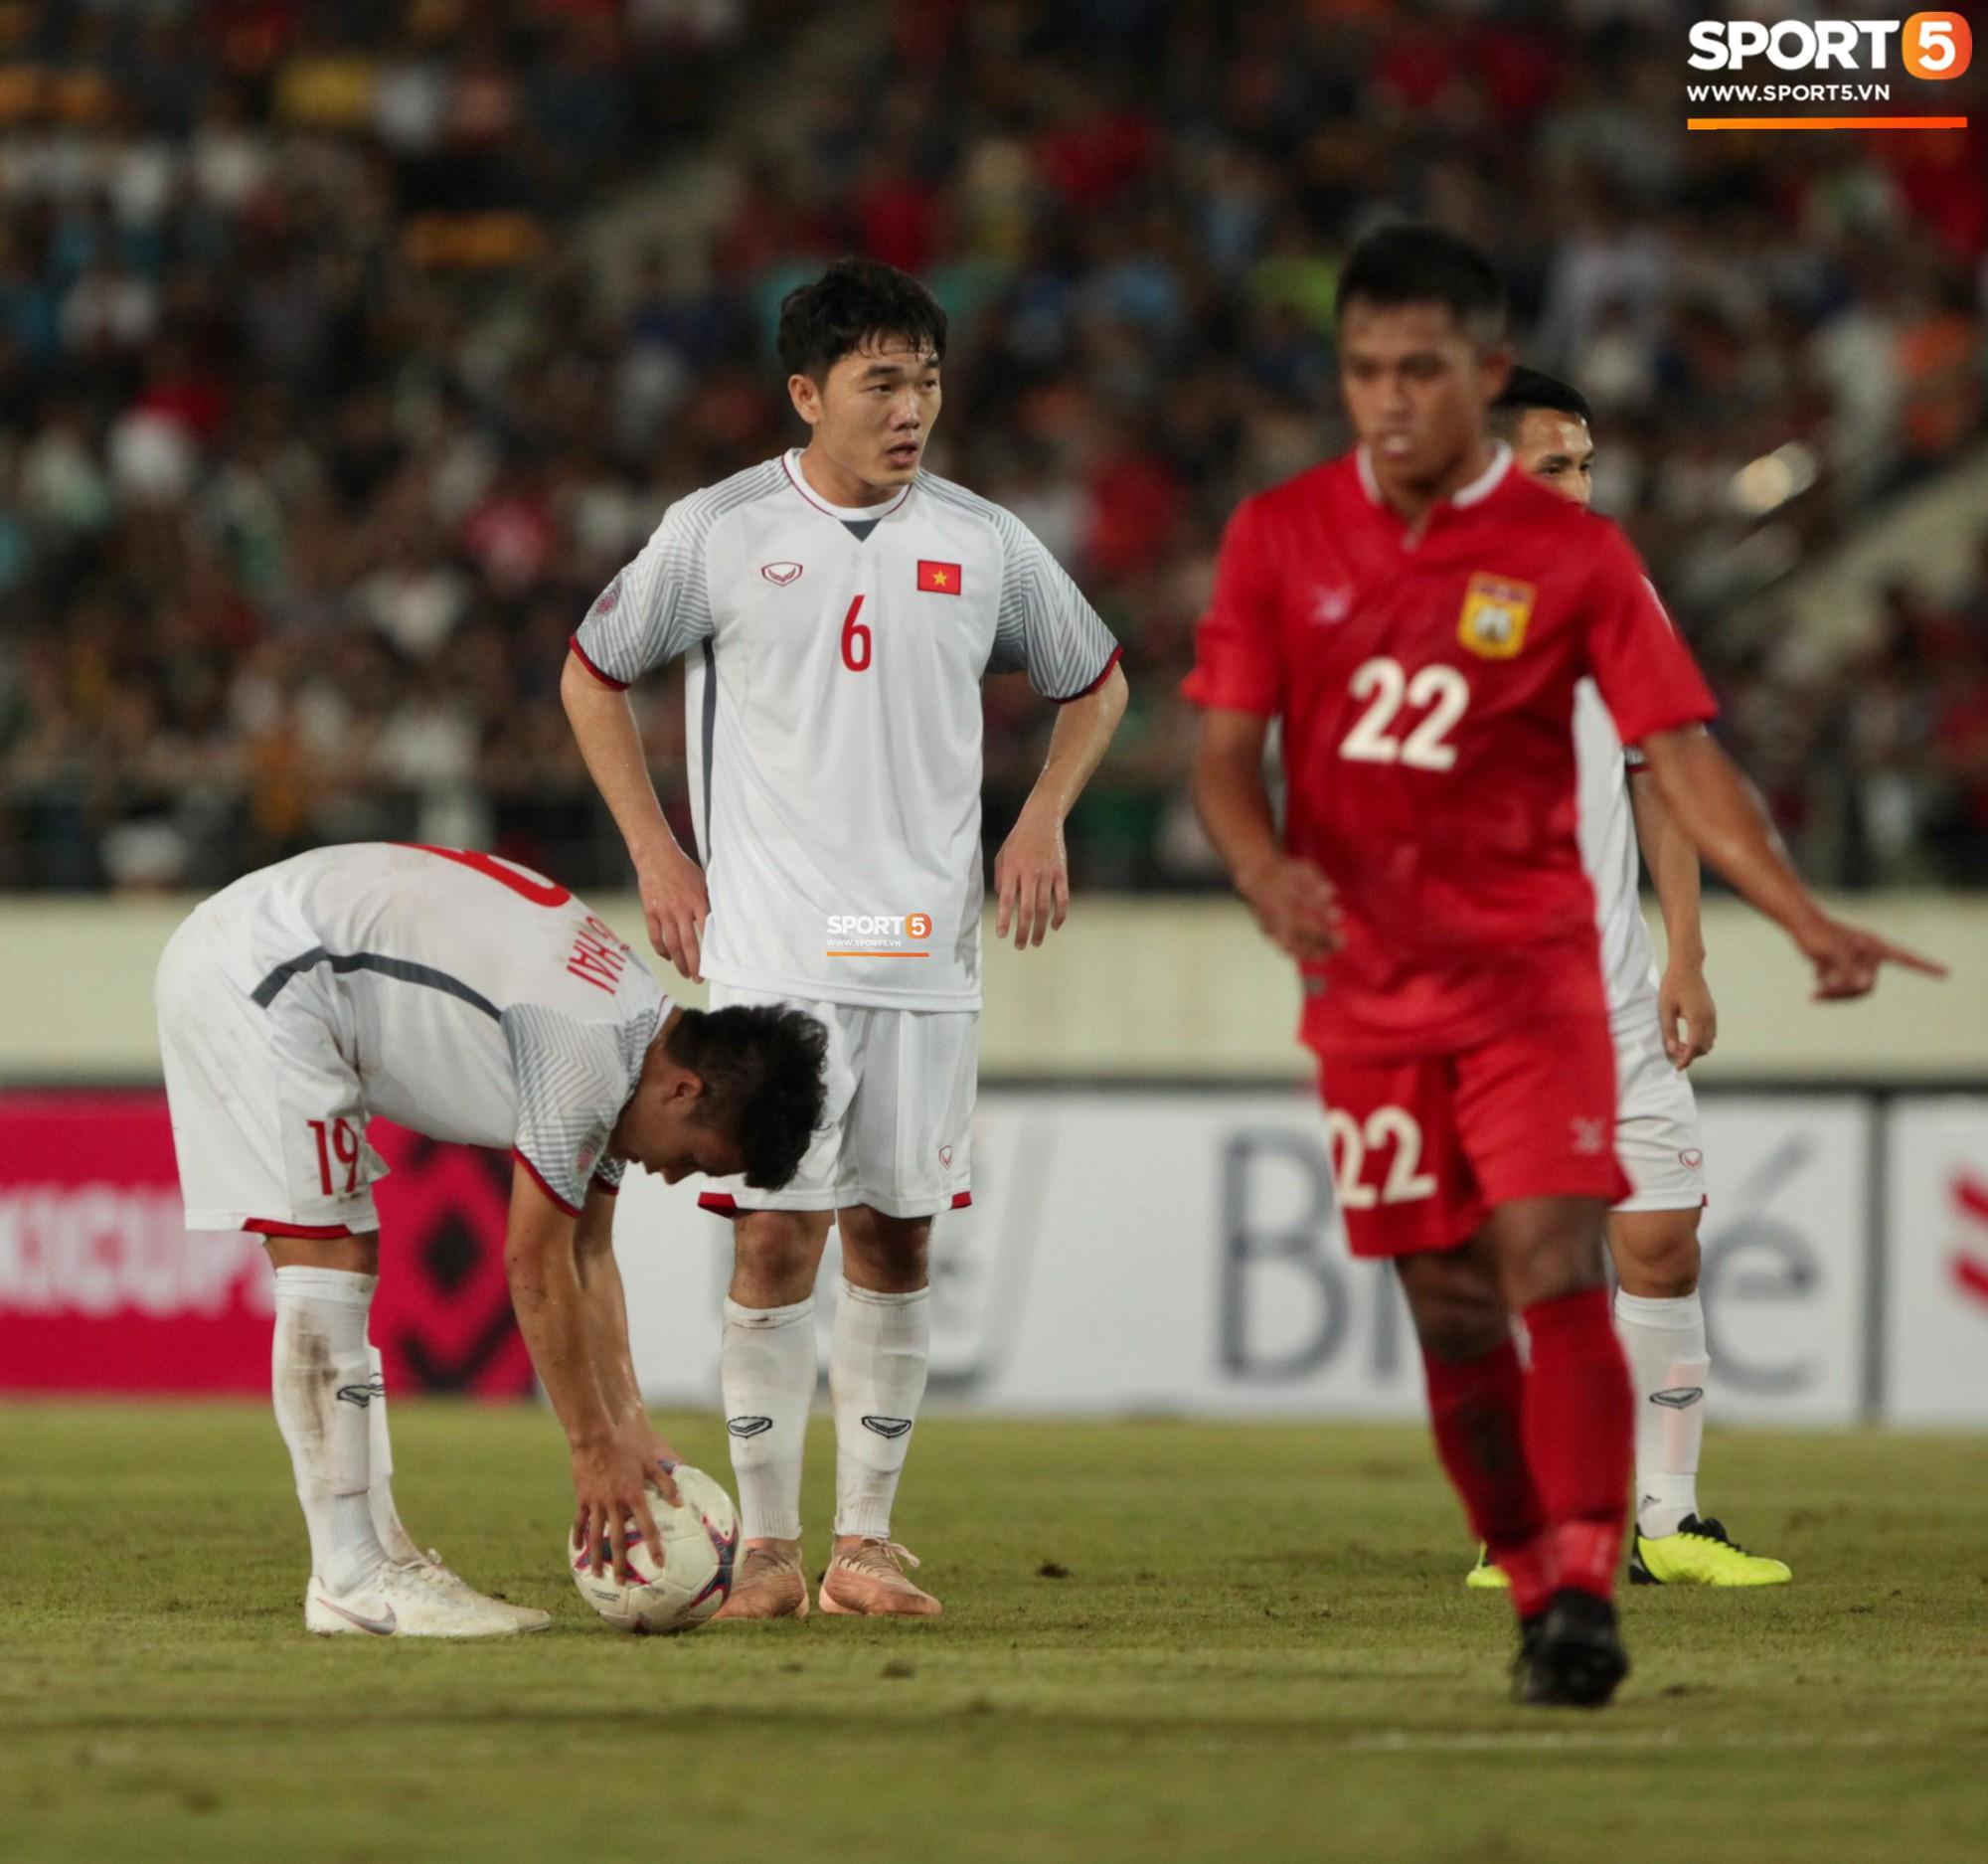 Đoàn Văn Hậu dùng tay chơi bóng, nhận thẻ vàng tại AFF CUP 2018 - Ảnh 11.